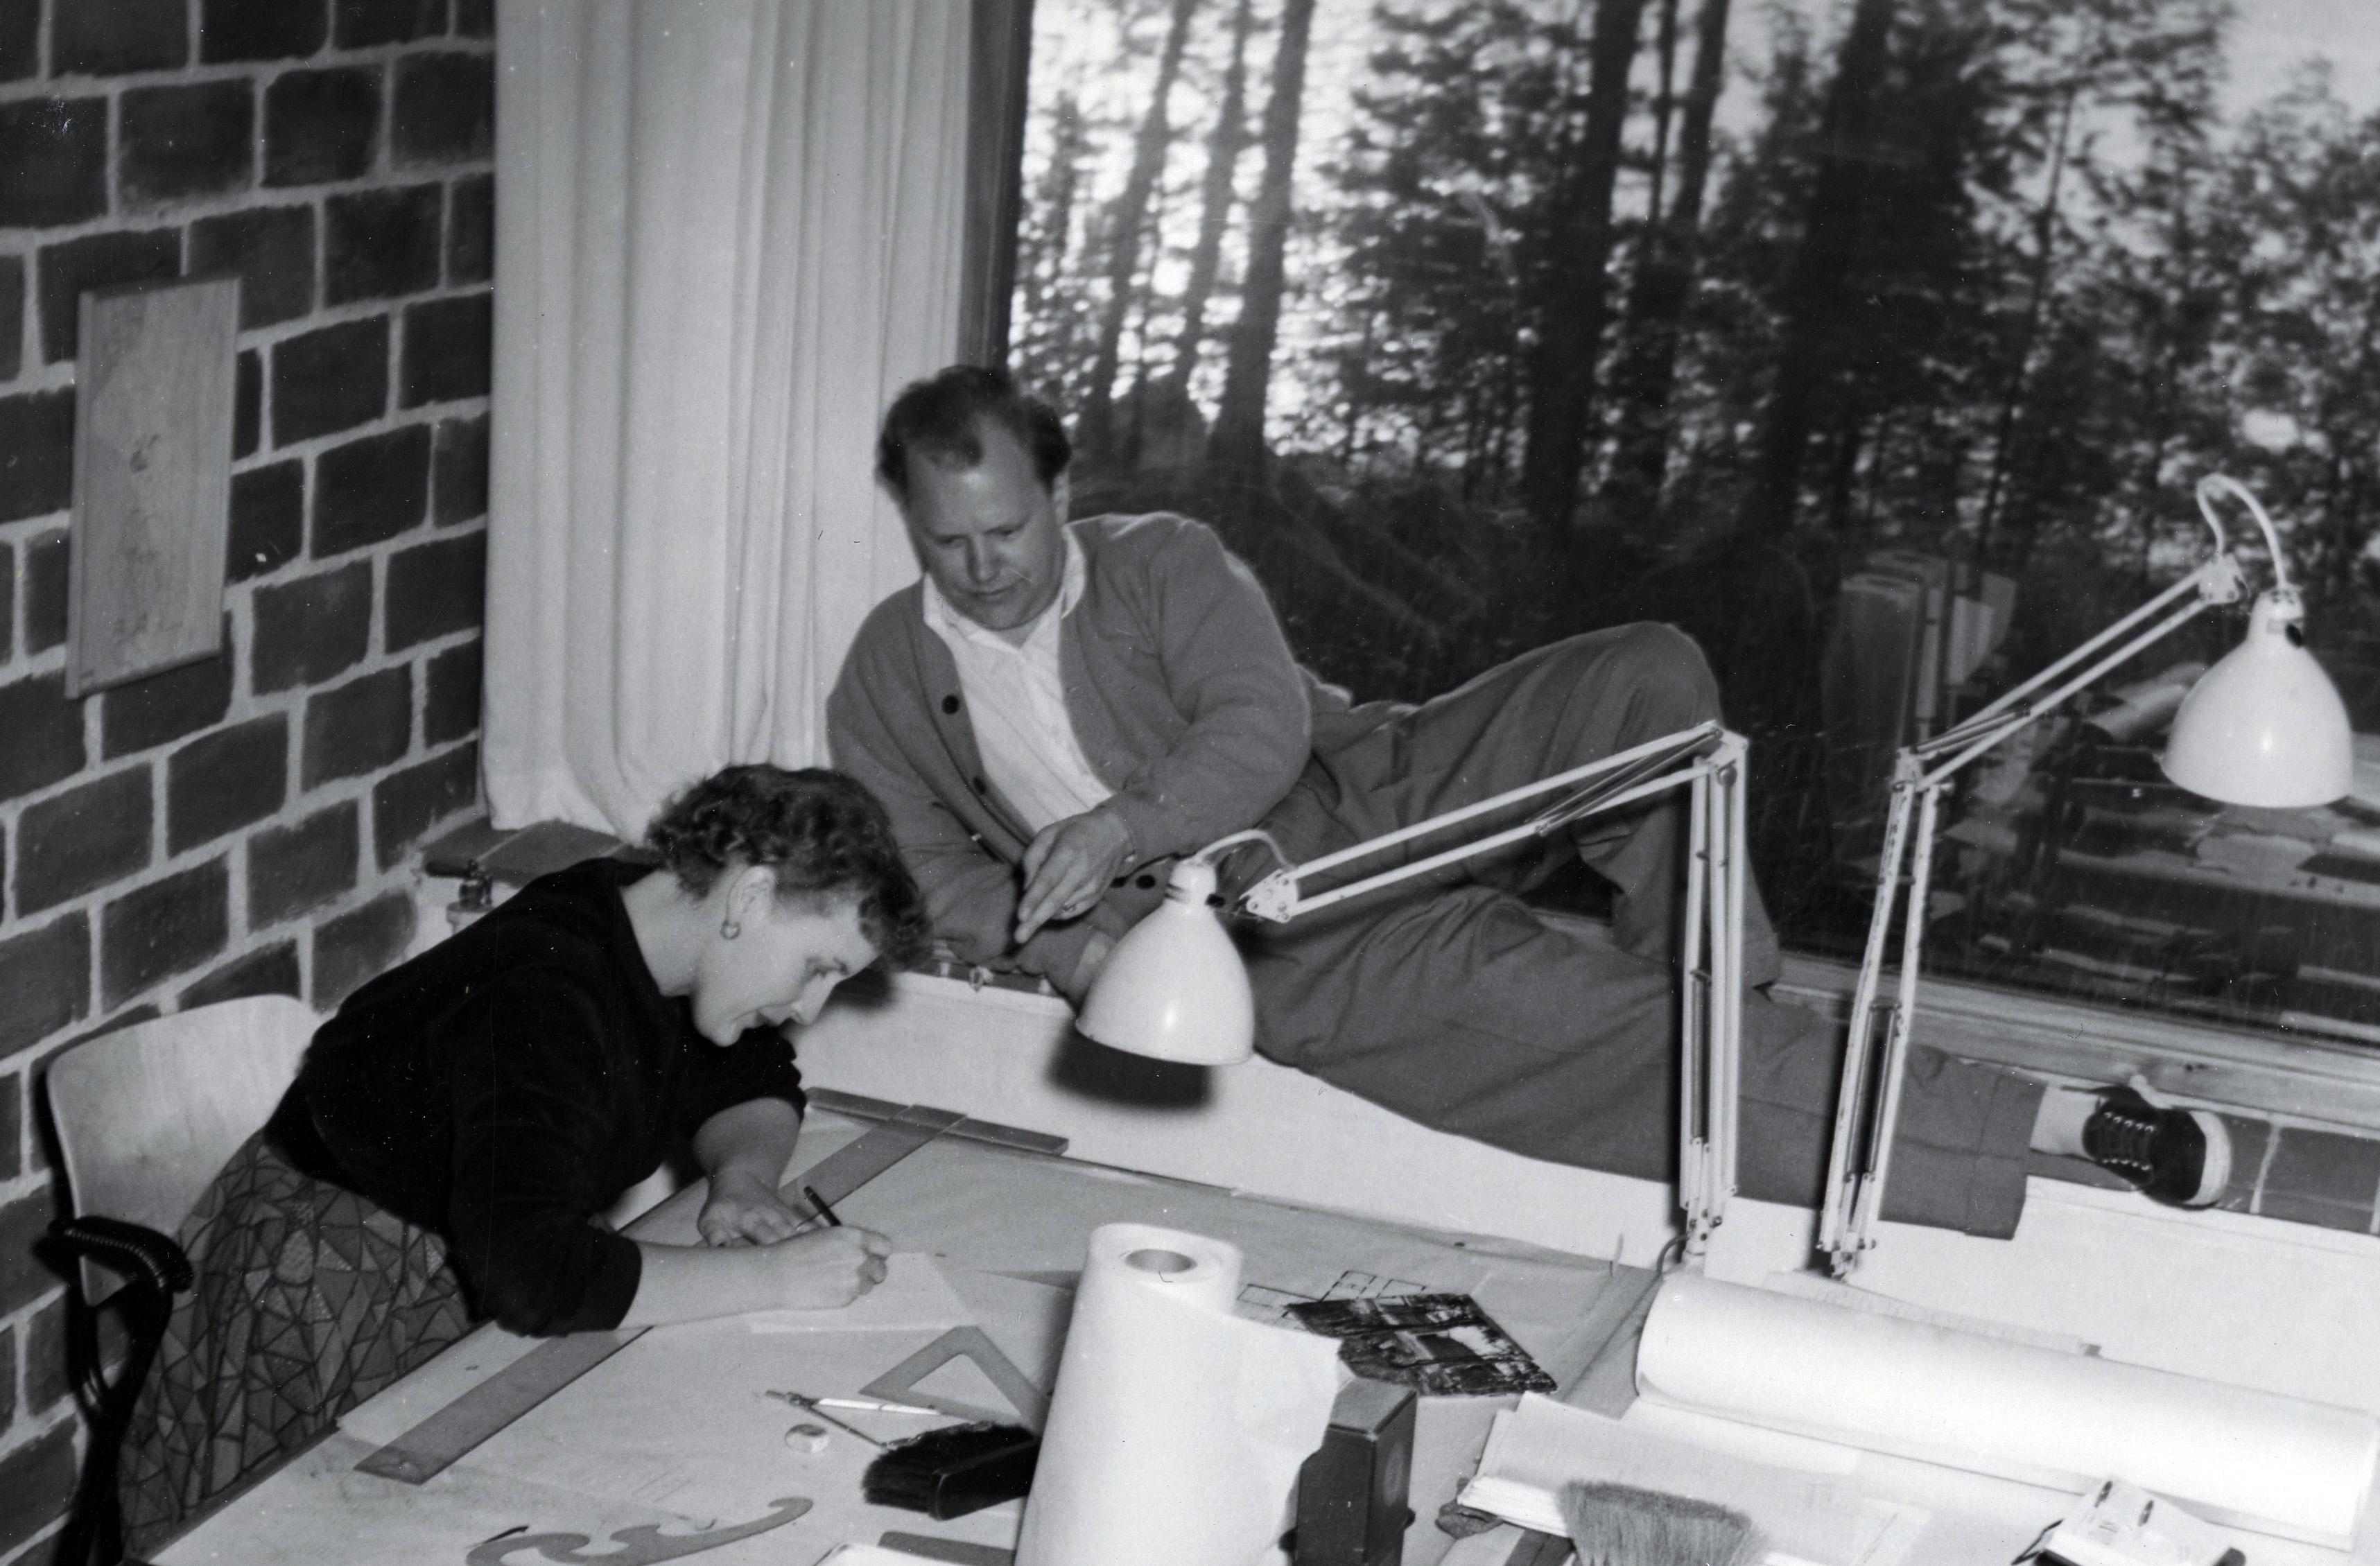 Kaija ja Heikki Siren työskentelemässä toimistollaan. Heikki on kyljellään ikkunalaudalla, Kaija piirtää.